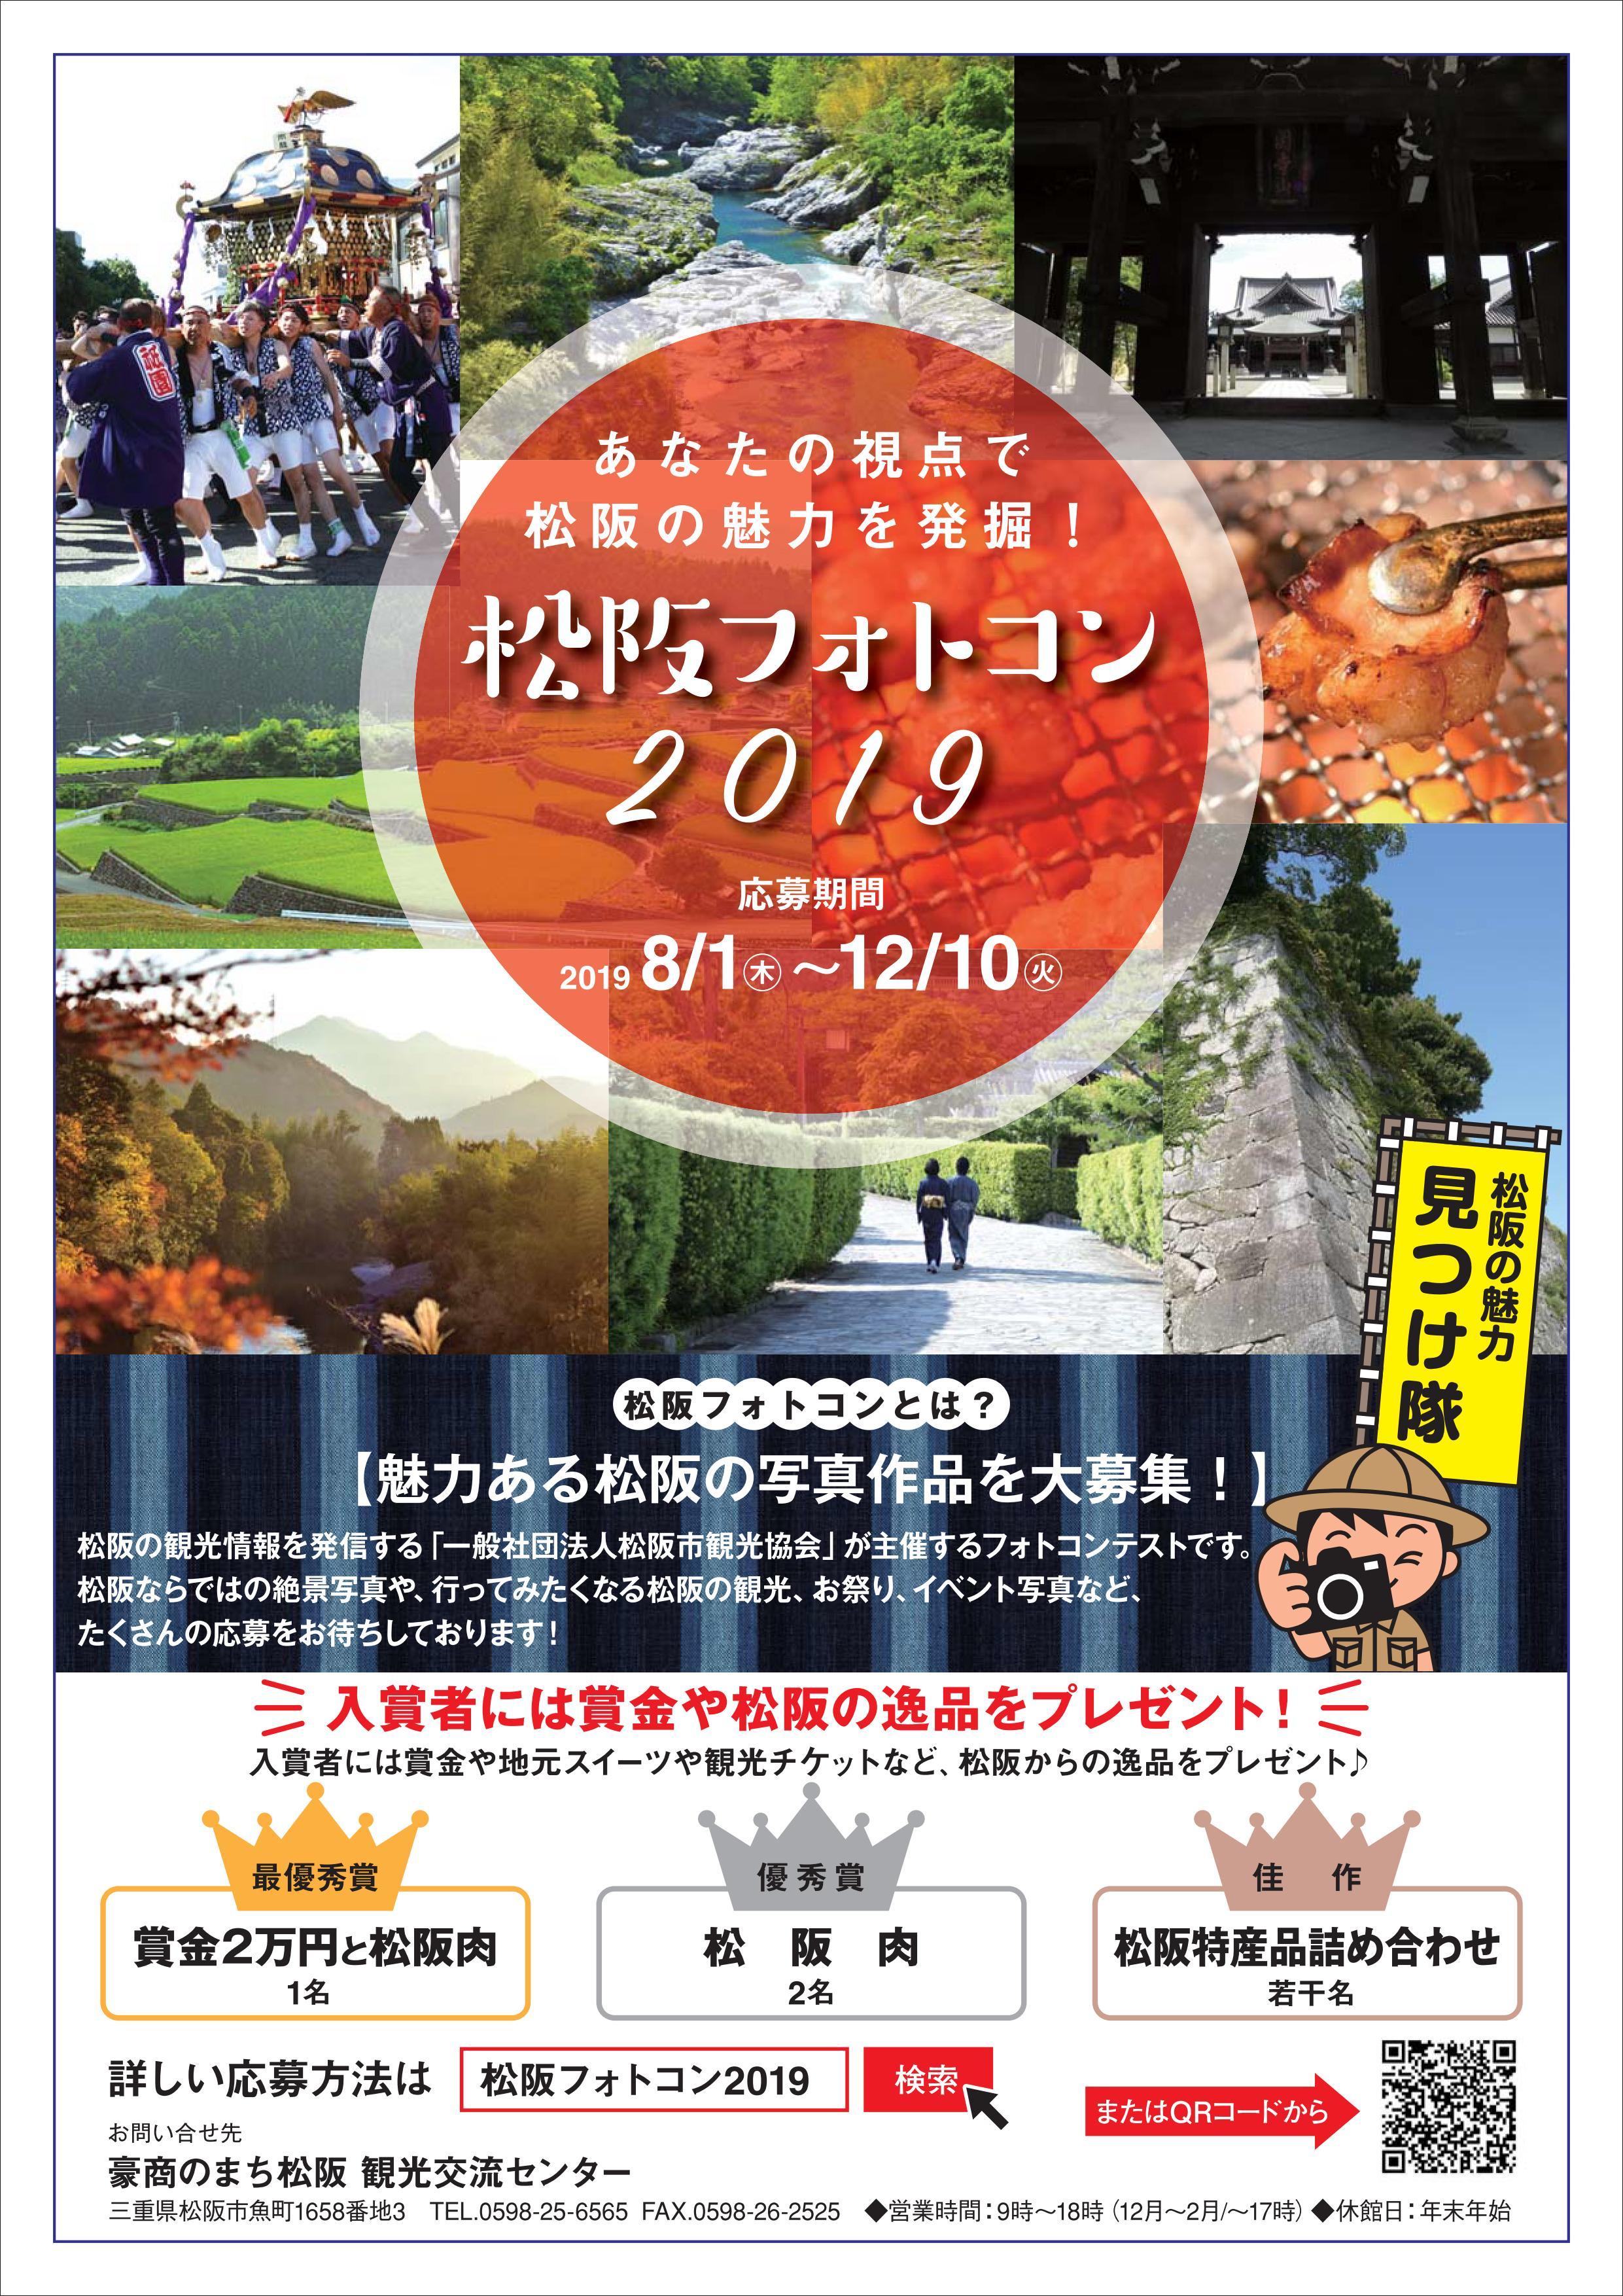 【松阪フォトコン2019】入賞者が(あなたの投票で)決定いたします!